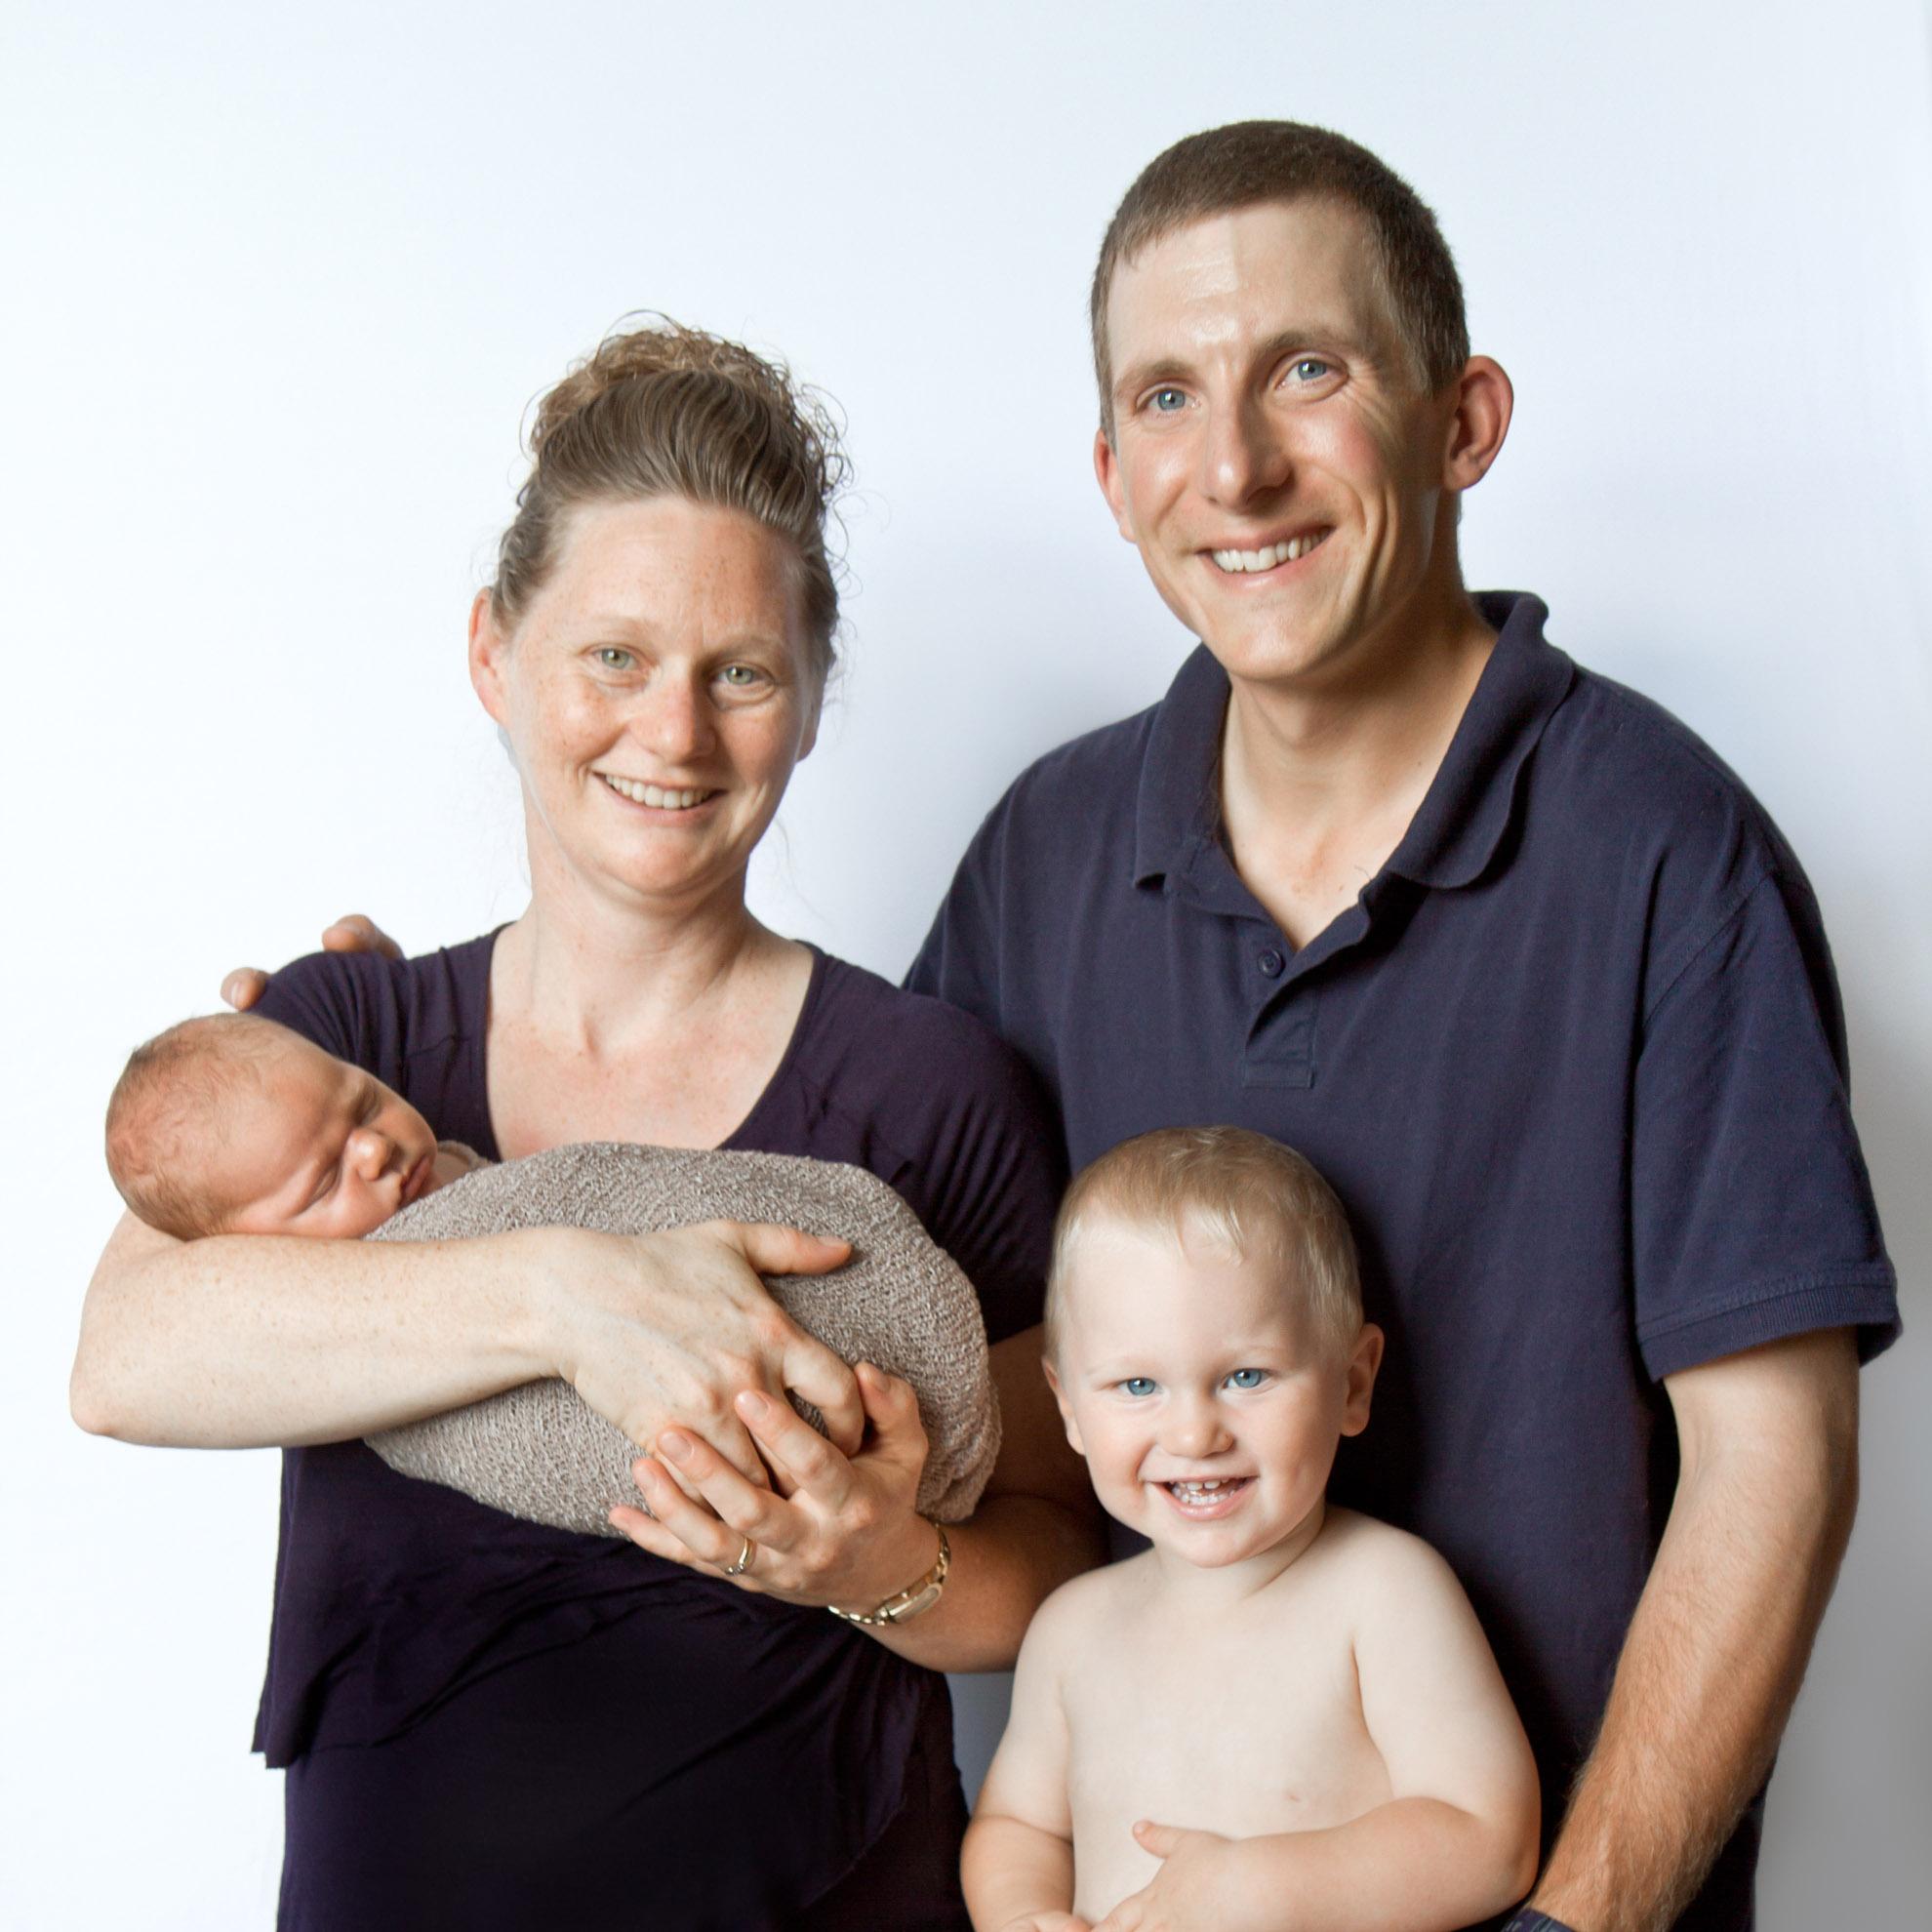 Family-photo-with-newborn.jpg